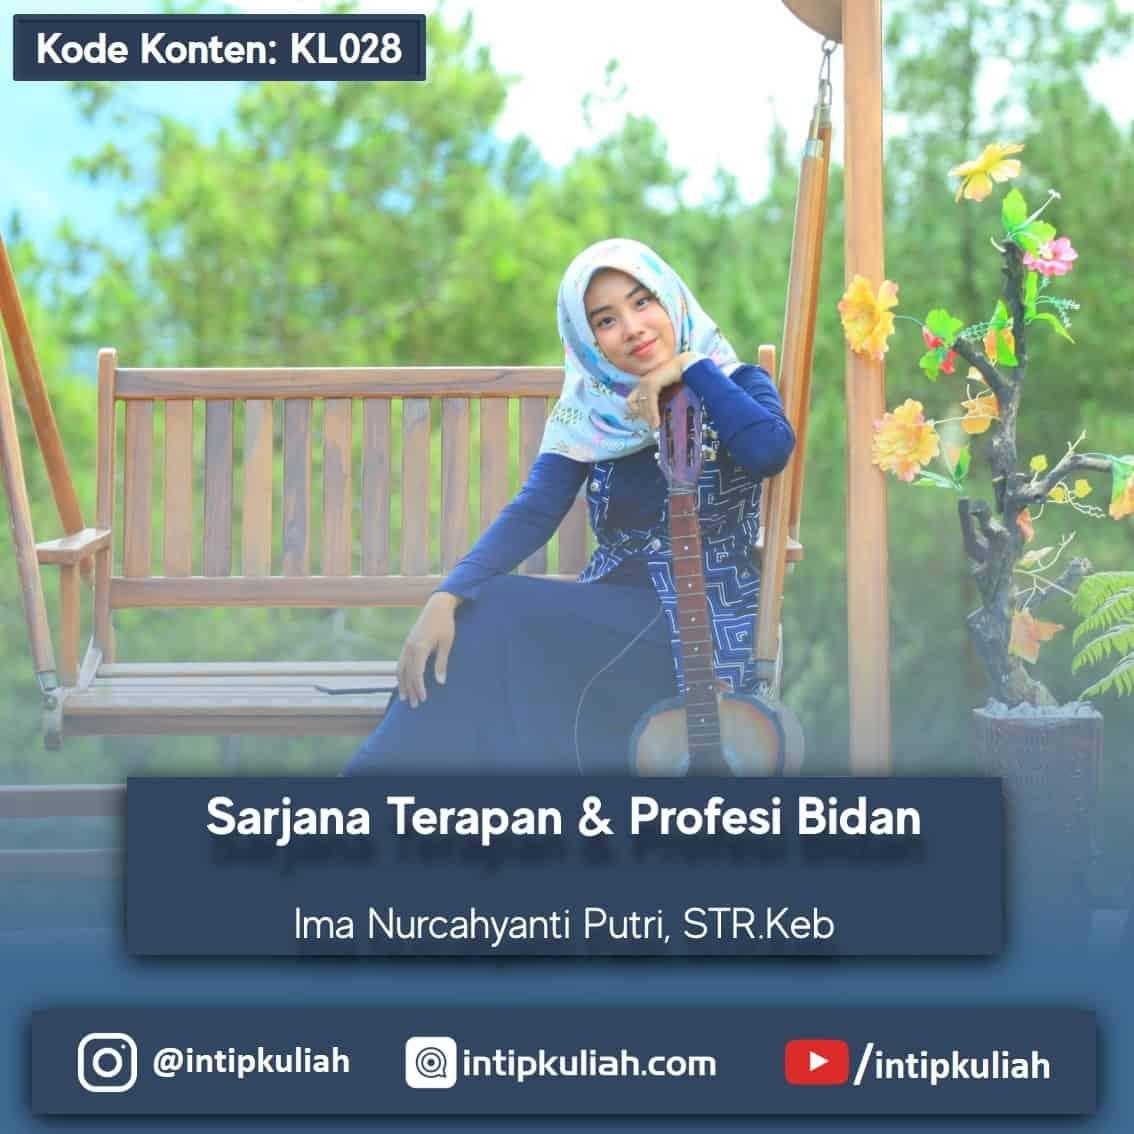 Sarjana Terapan & Profesi Bidan Poltekkes Semarang (Ima)